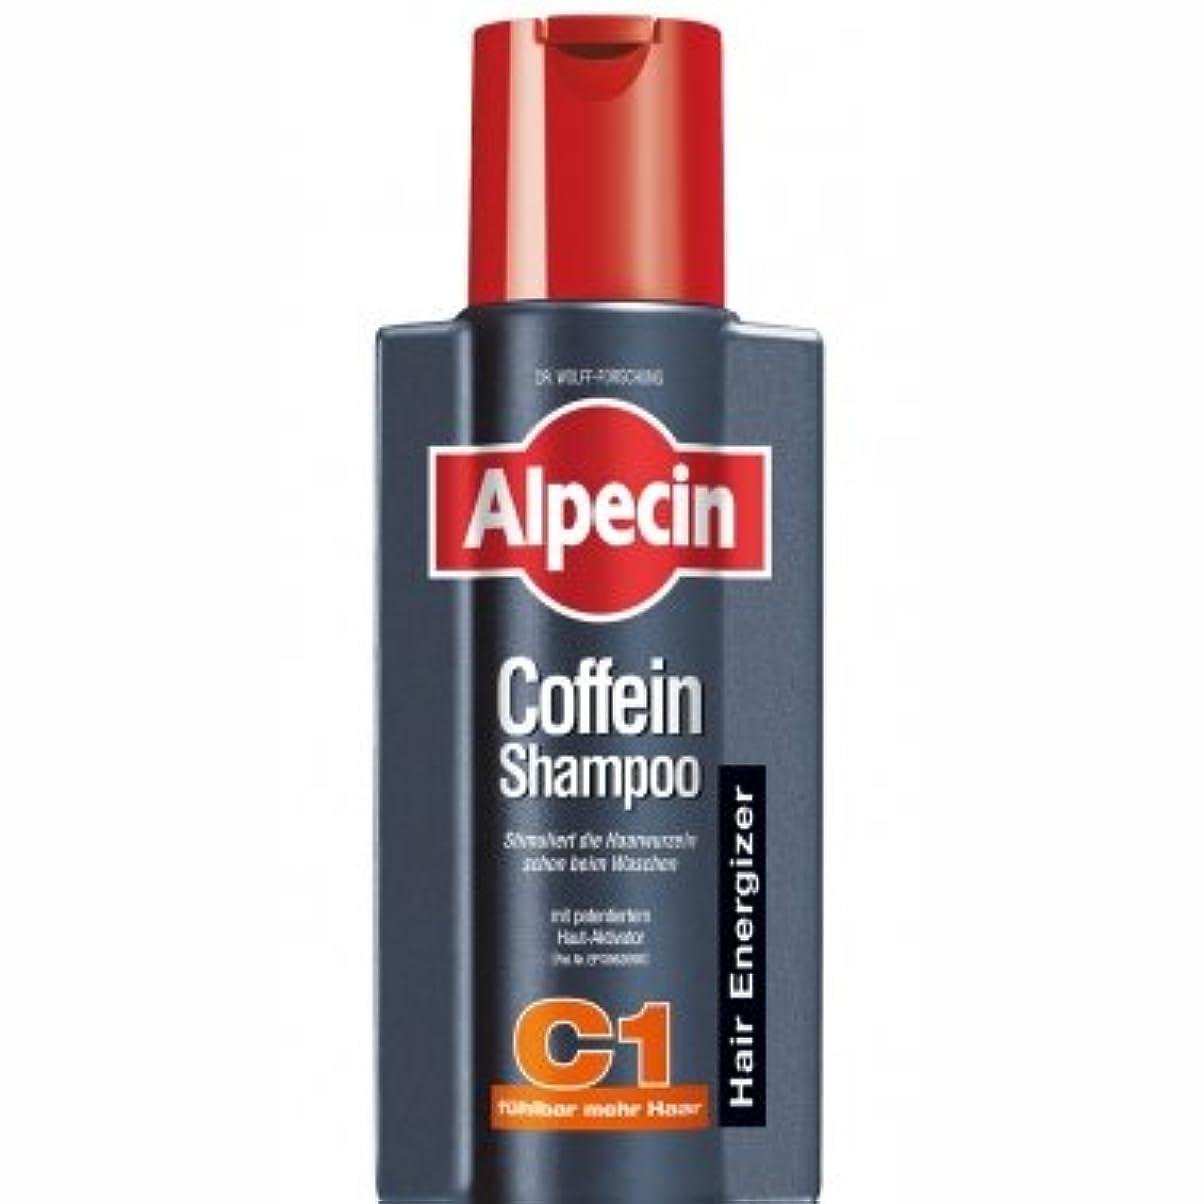 雄弁なに負ける無謀ALPECIN オーガニックシャンプー カフェインシャンプーC1 250ml【並行輸入品】